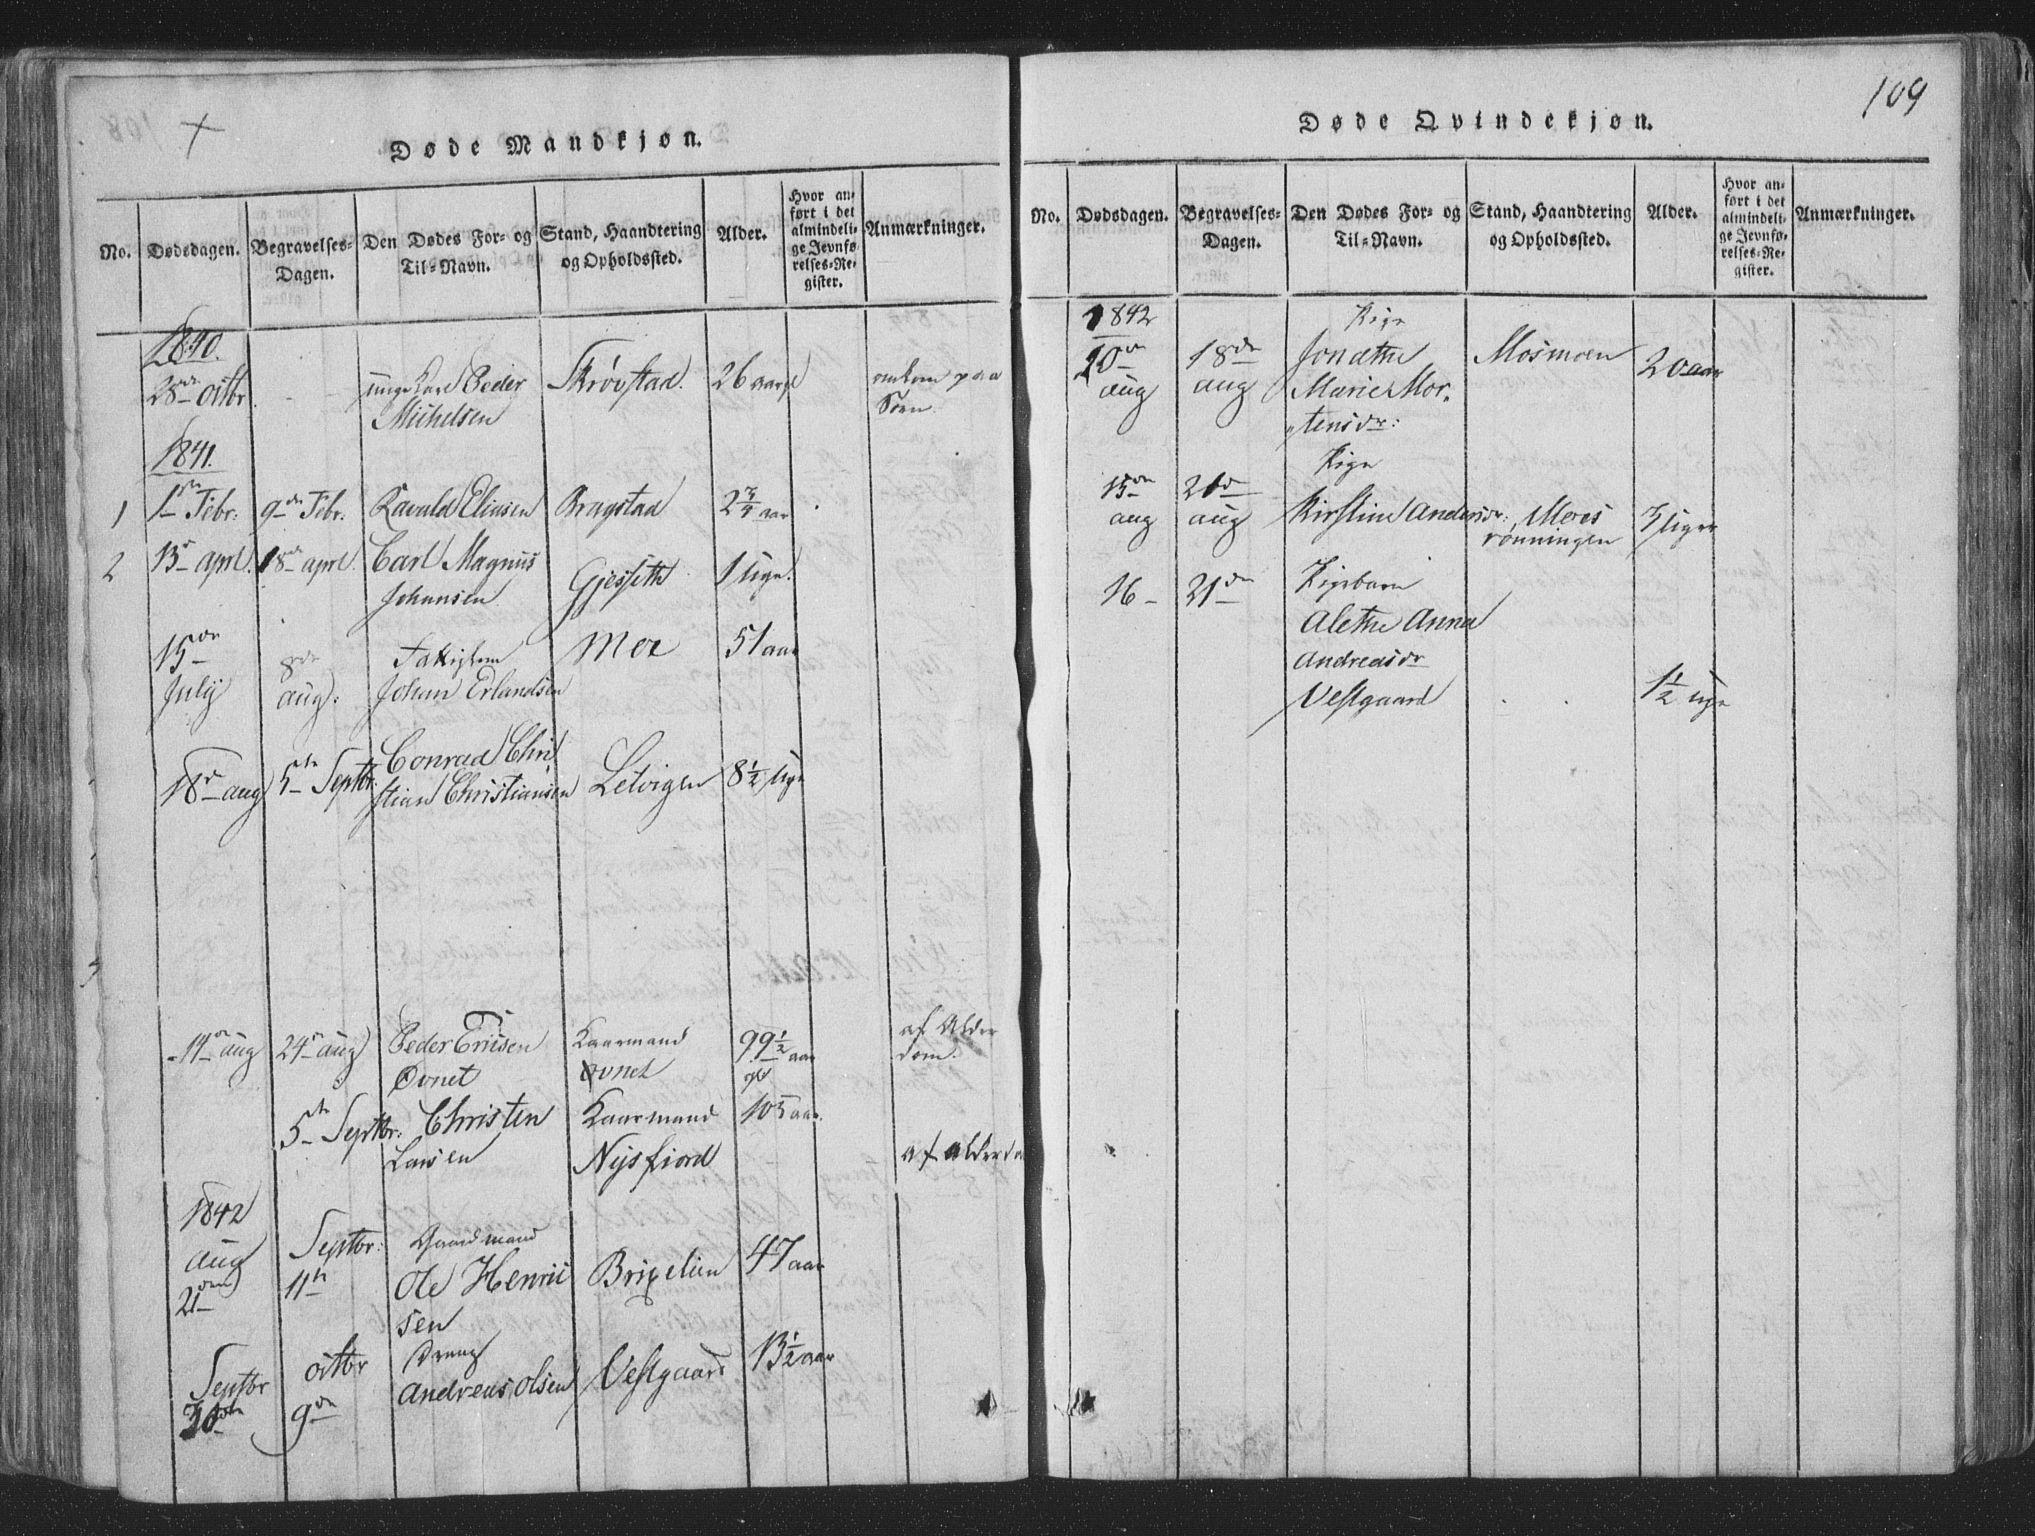 SAT, Ministerialprotokoller, klokkerbøker og fødselsregistre - Nord-Trøndelag, 773/L0613: Ministerialbok nr. 773A04, 1815-1845, s. 109